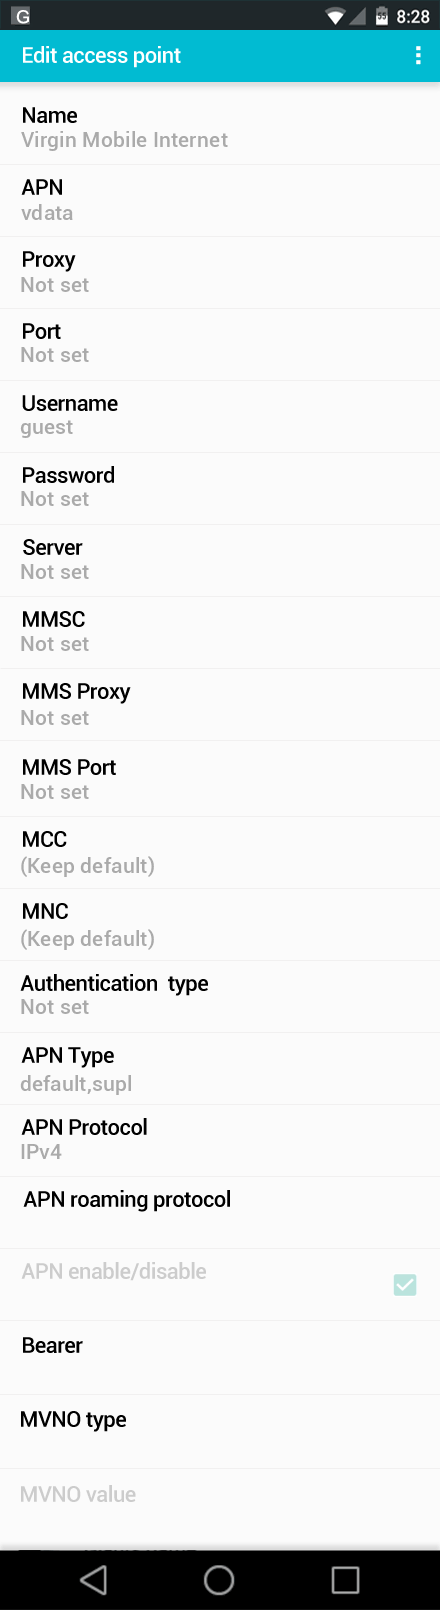 Virgin Mobile Internet APN settings for Android